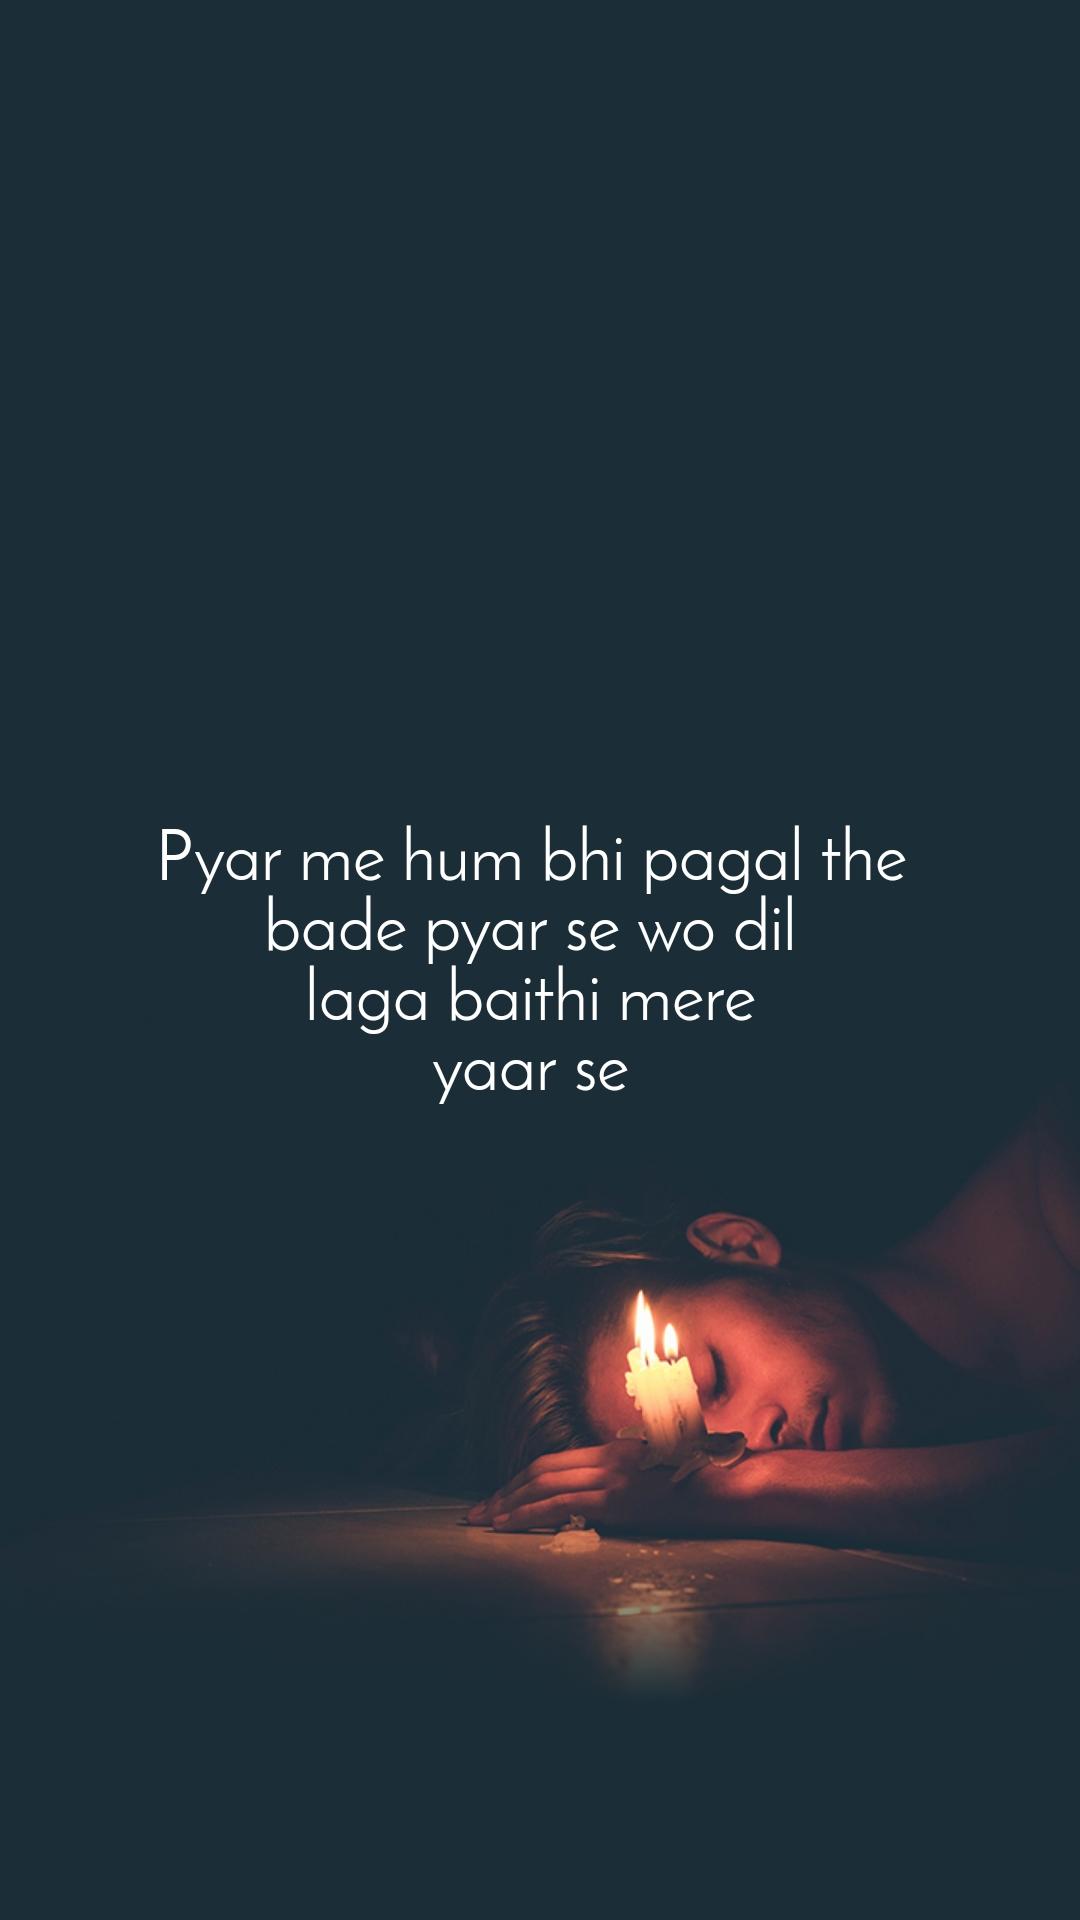 Pyar me hum bhi pagal the  bade pyar se wo dil  laga baithi mere  yaar se